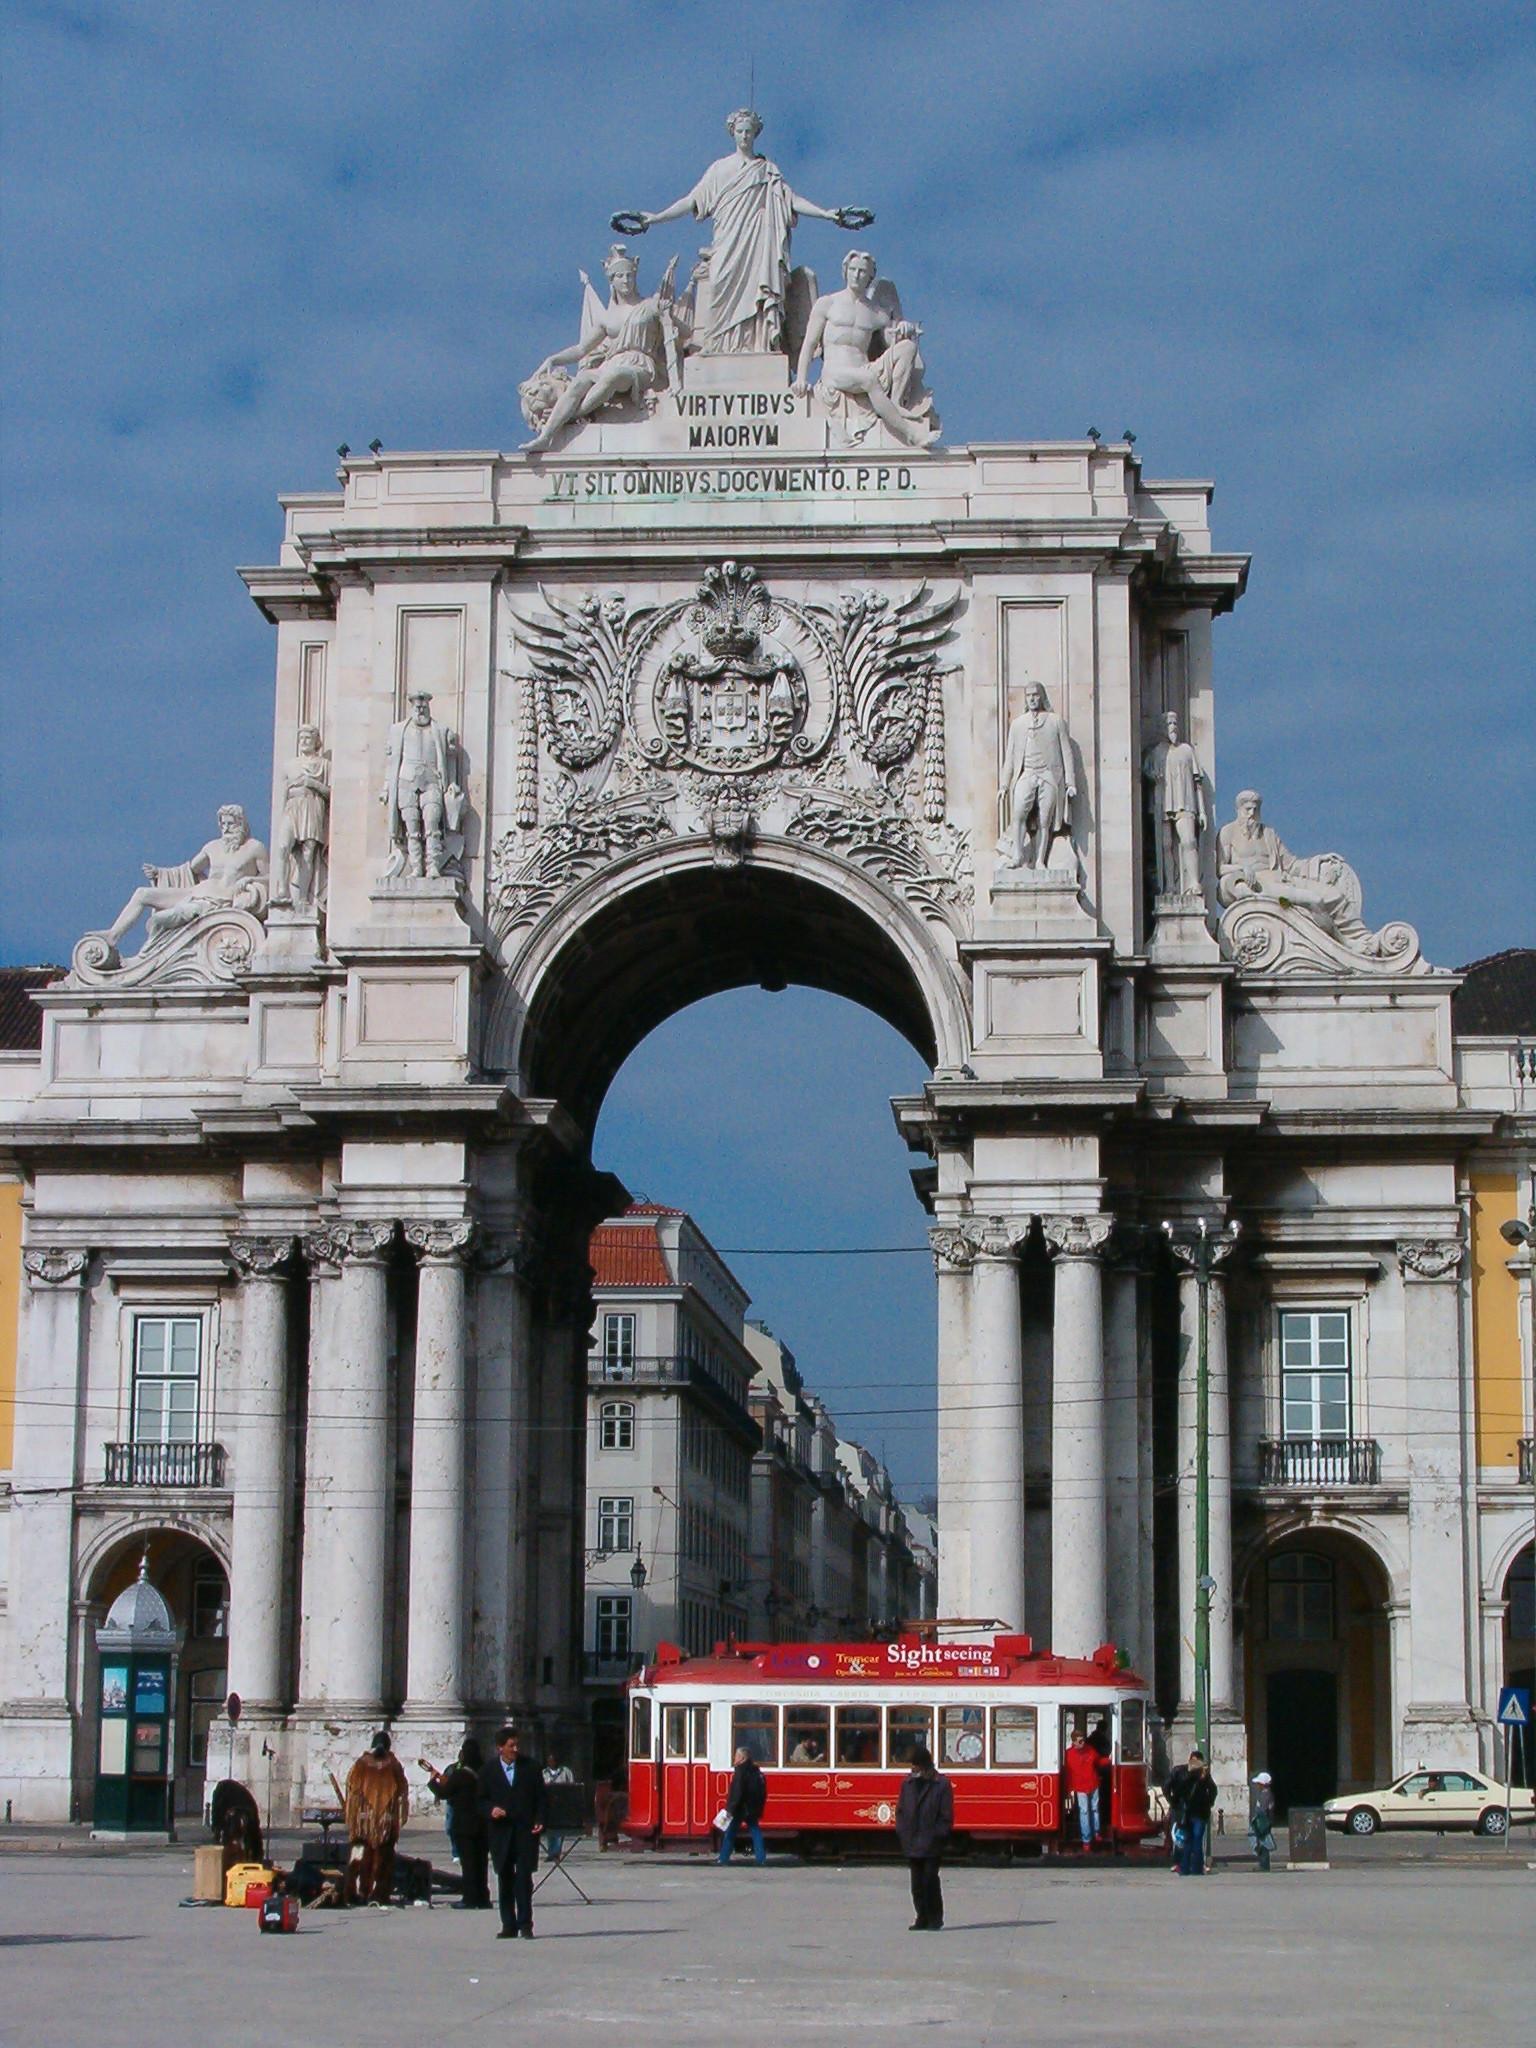 Doświadczenia Erasmus z Lizbony, Portugalia oczami Julien